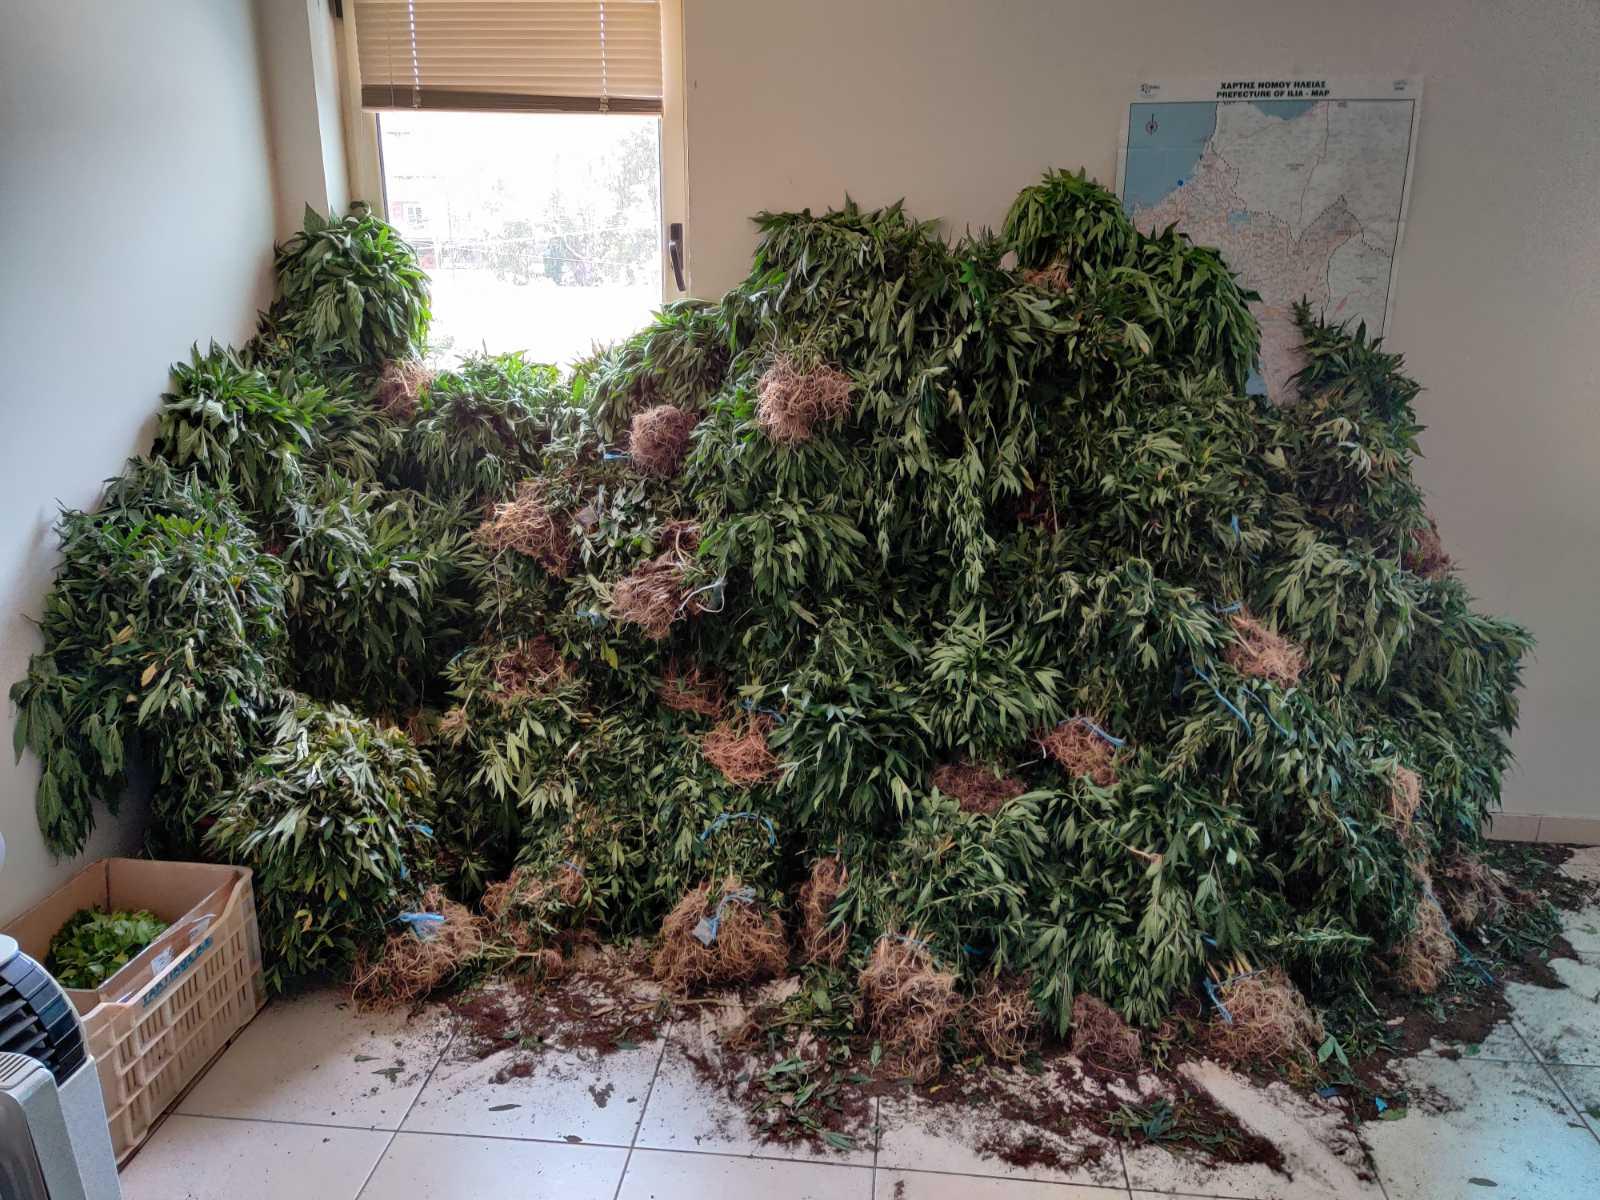 28-6-2021 Εντοπίστηκε μεγάλη οργανωμένη φυτεία κάνναβης, με (4.325) δενδρύλλια και φυτά σε δύσβατη δασική περιοχή της Ανδρίτσαινας (3) (1)